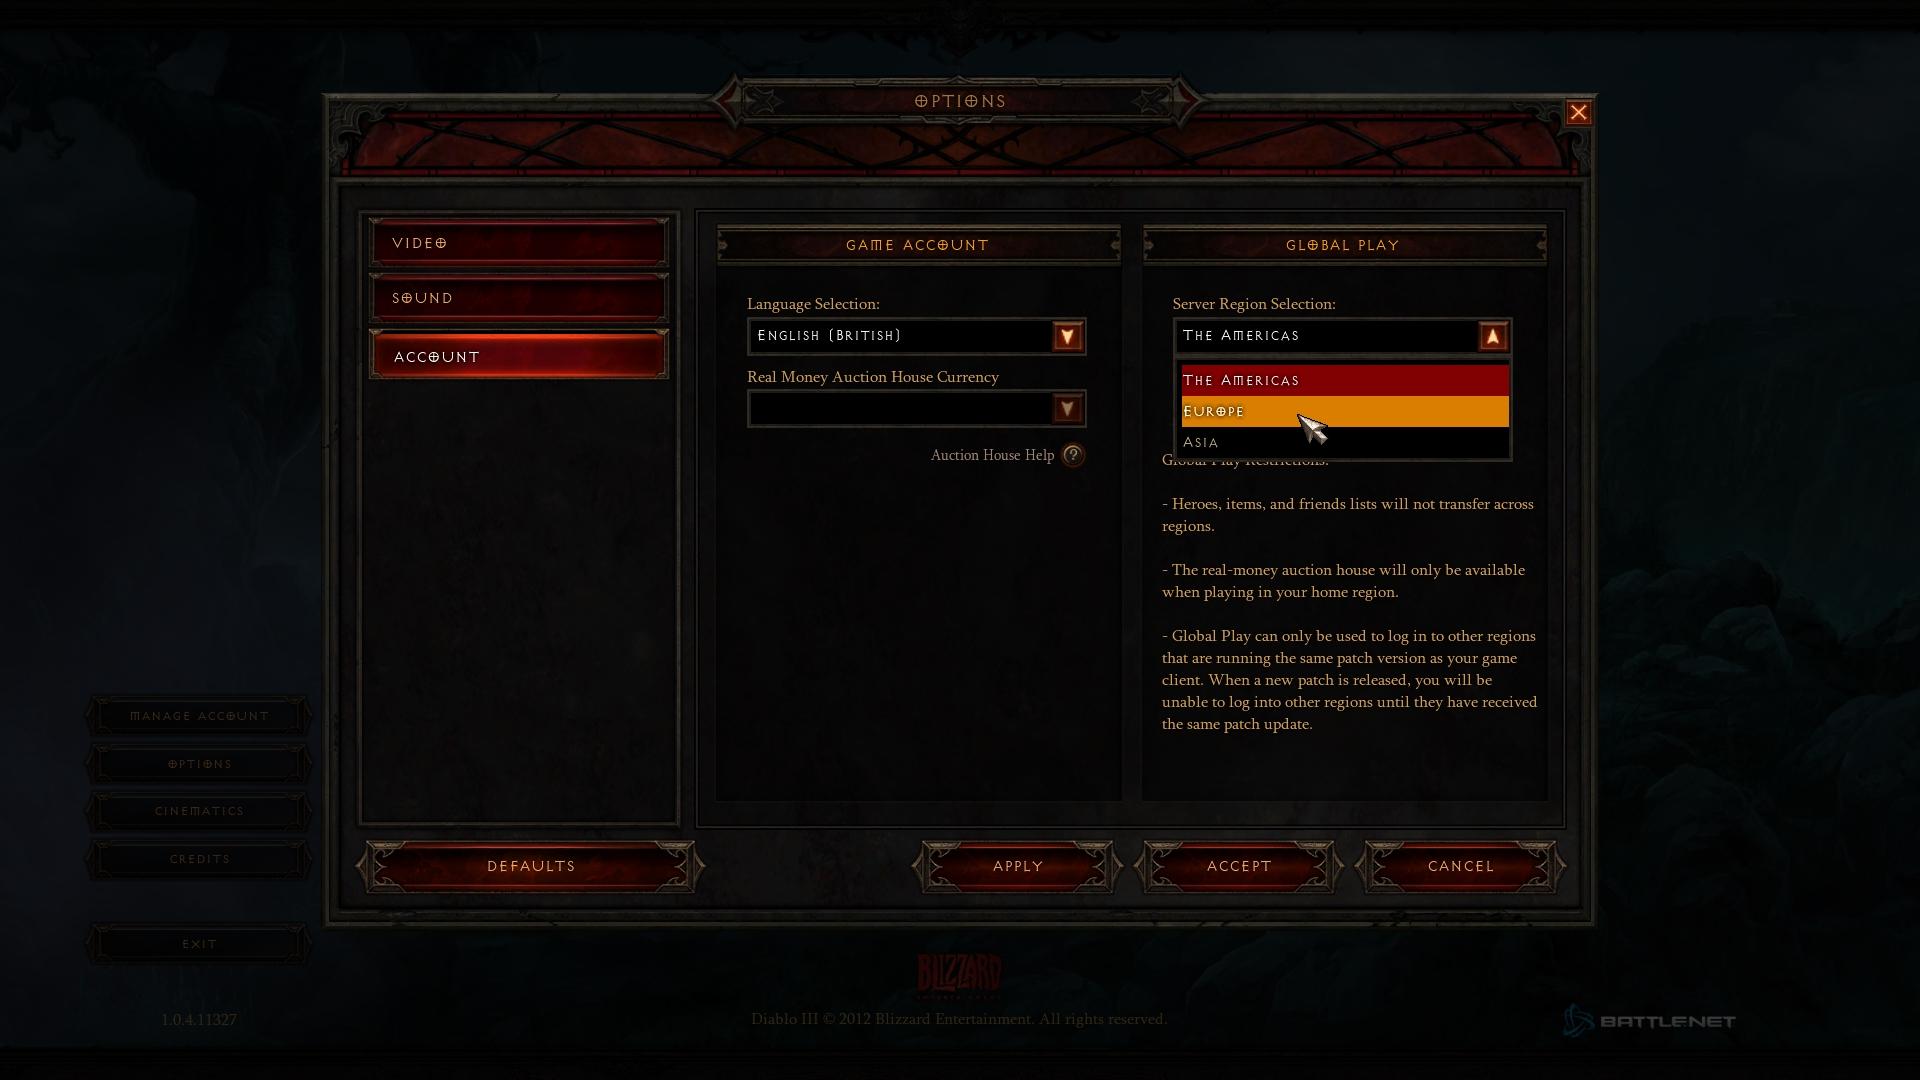 Diablo 3 1.0.5 PTR czyli jak pozbyć się error 12 screnshot 6